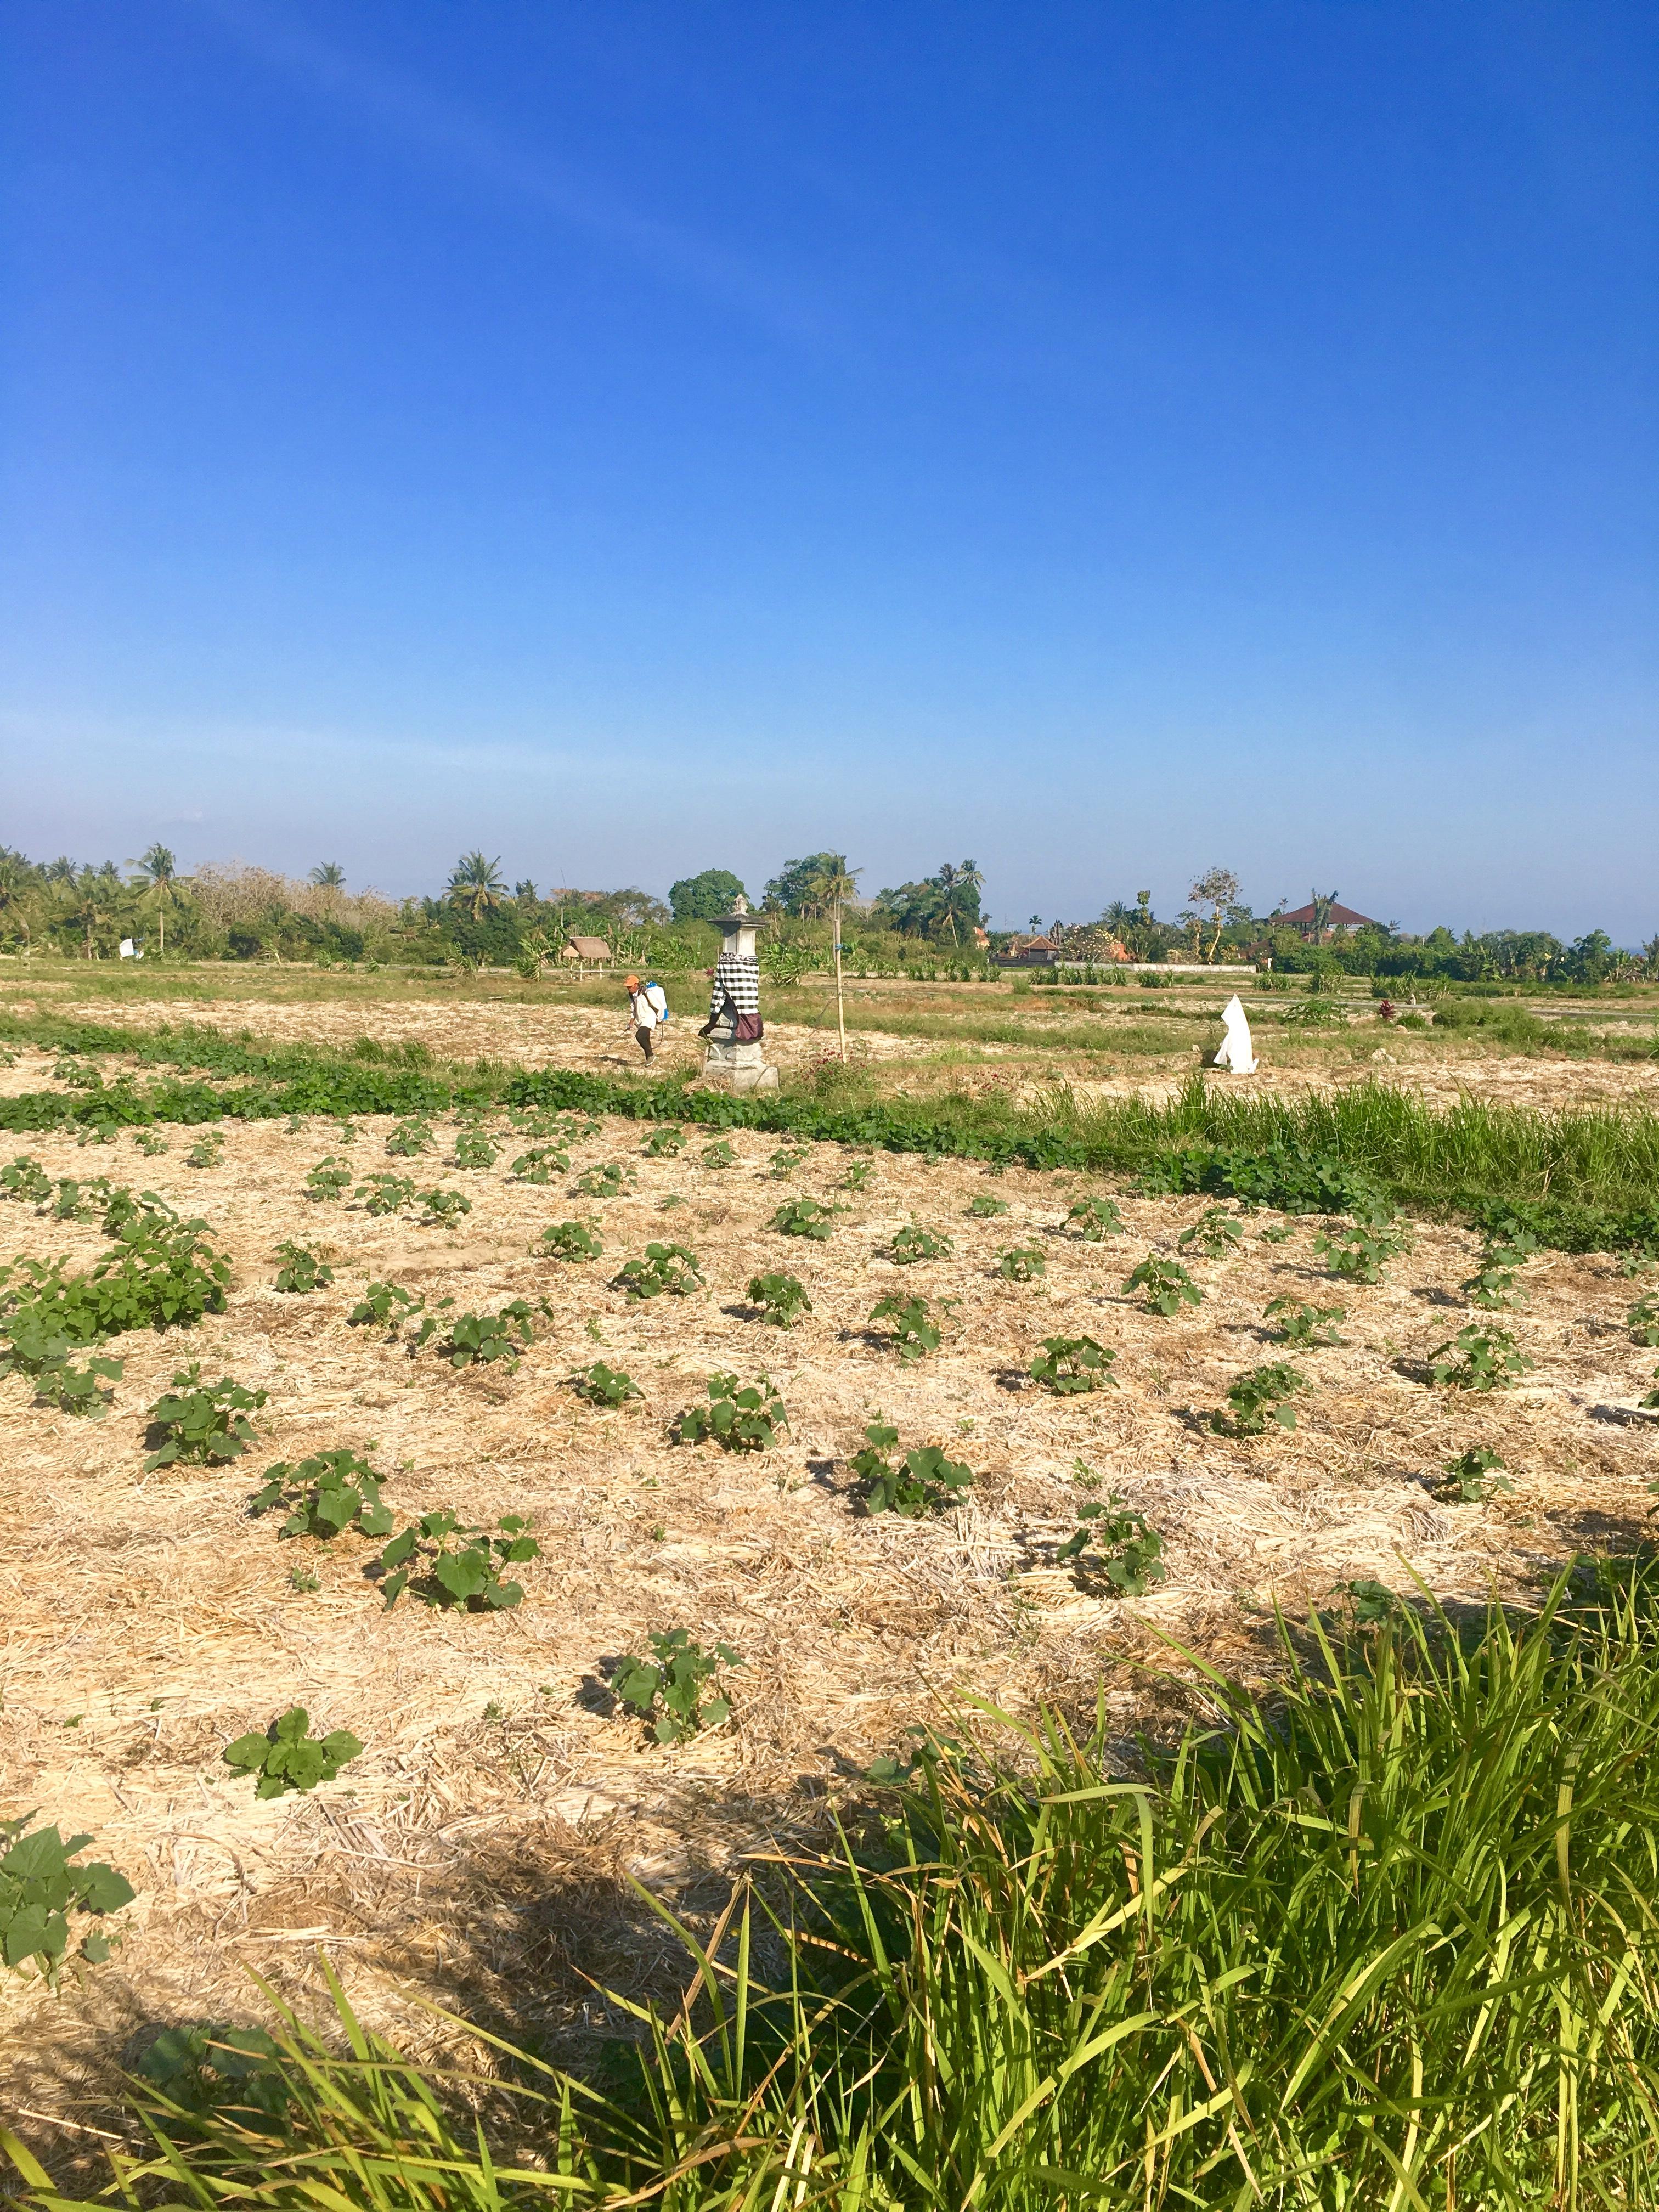 Locales trabajando en los cultivos d ella zona